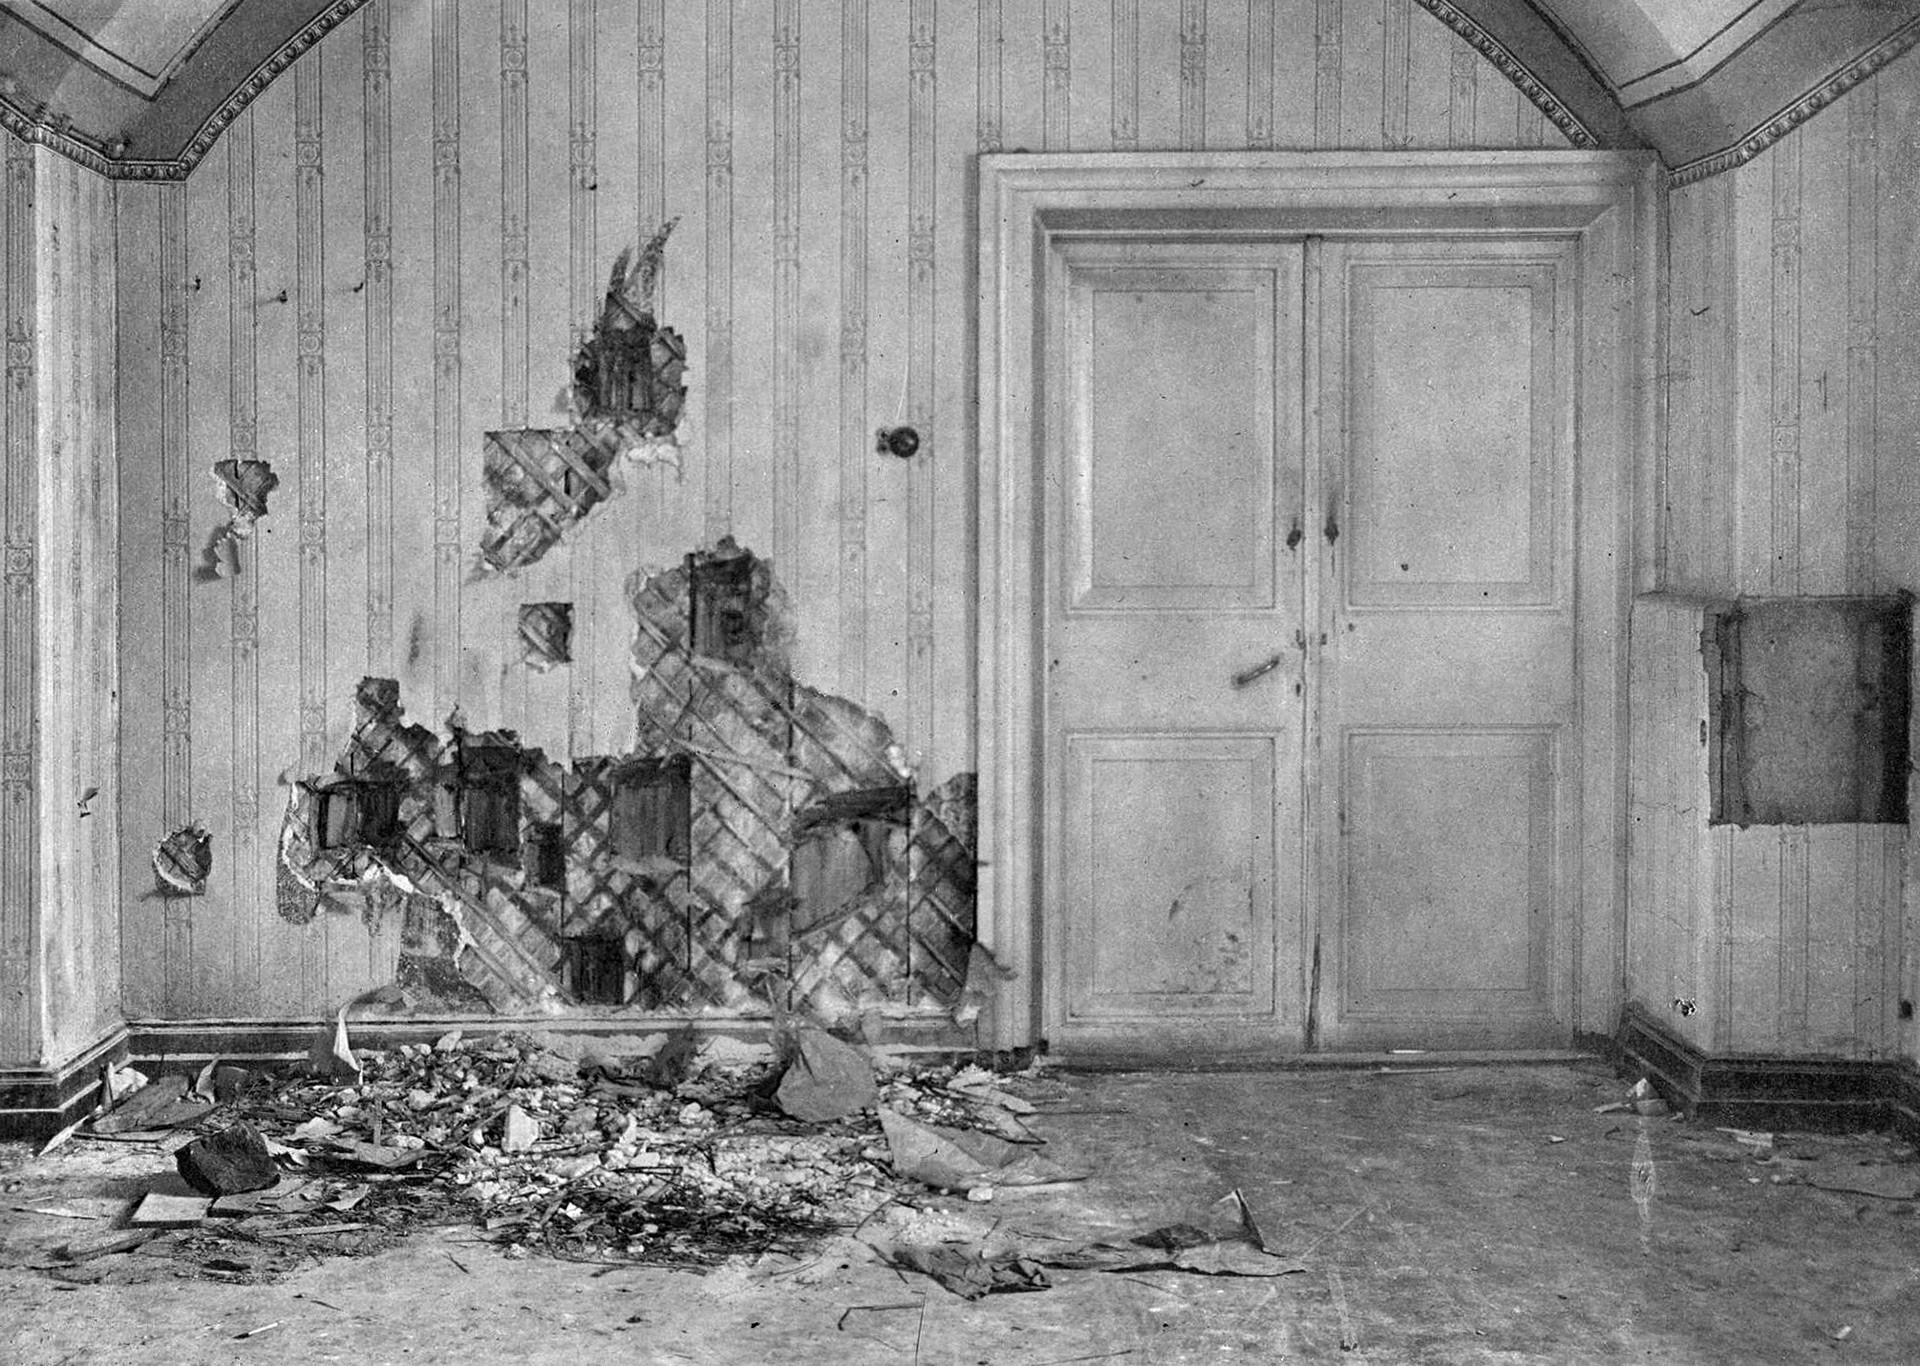 La stanza di Casa Ipatev dove lo zar Nicola II, i membri della sua famiglia e della servitù furono assassinati